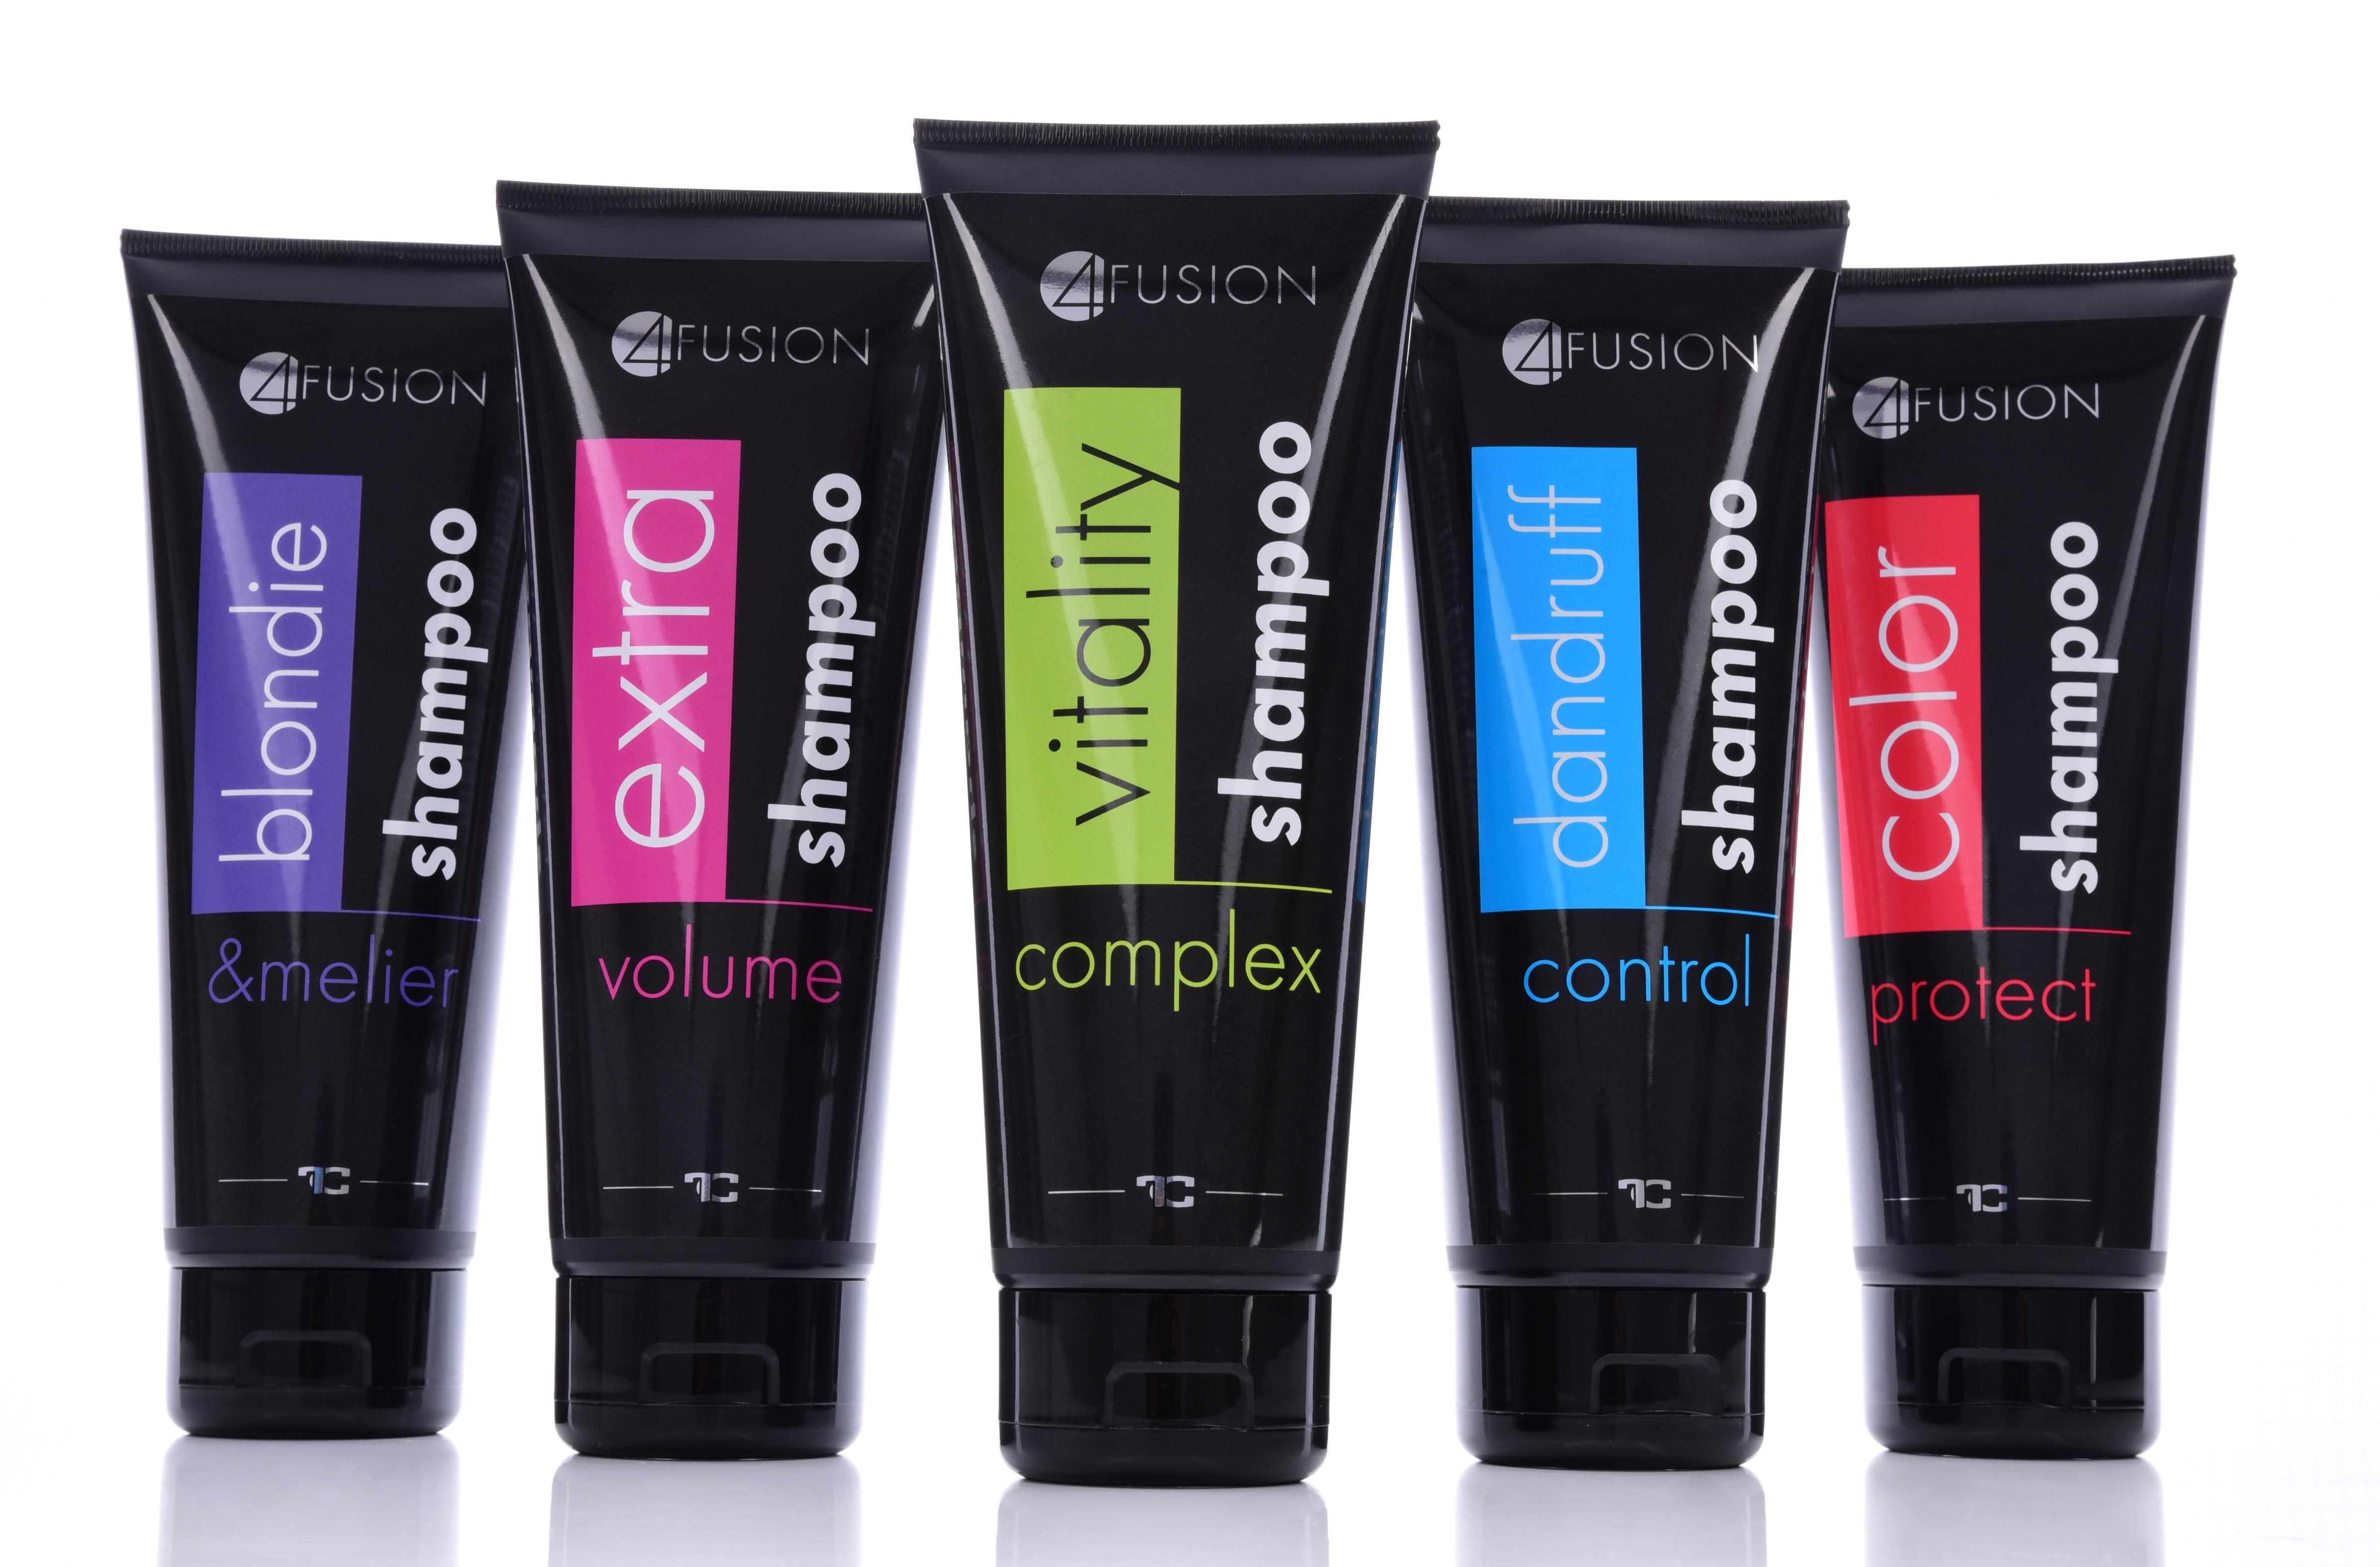 FC94631-4 FUSION šampón 200 ml extra volume pre objem a lepší vzhľad účesu